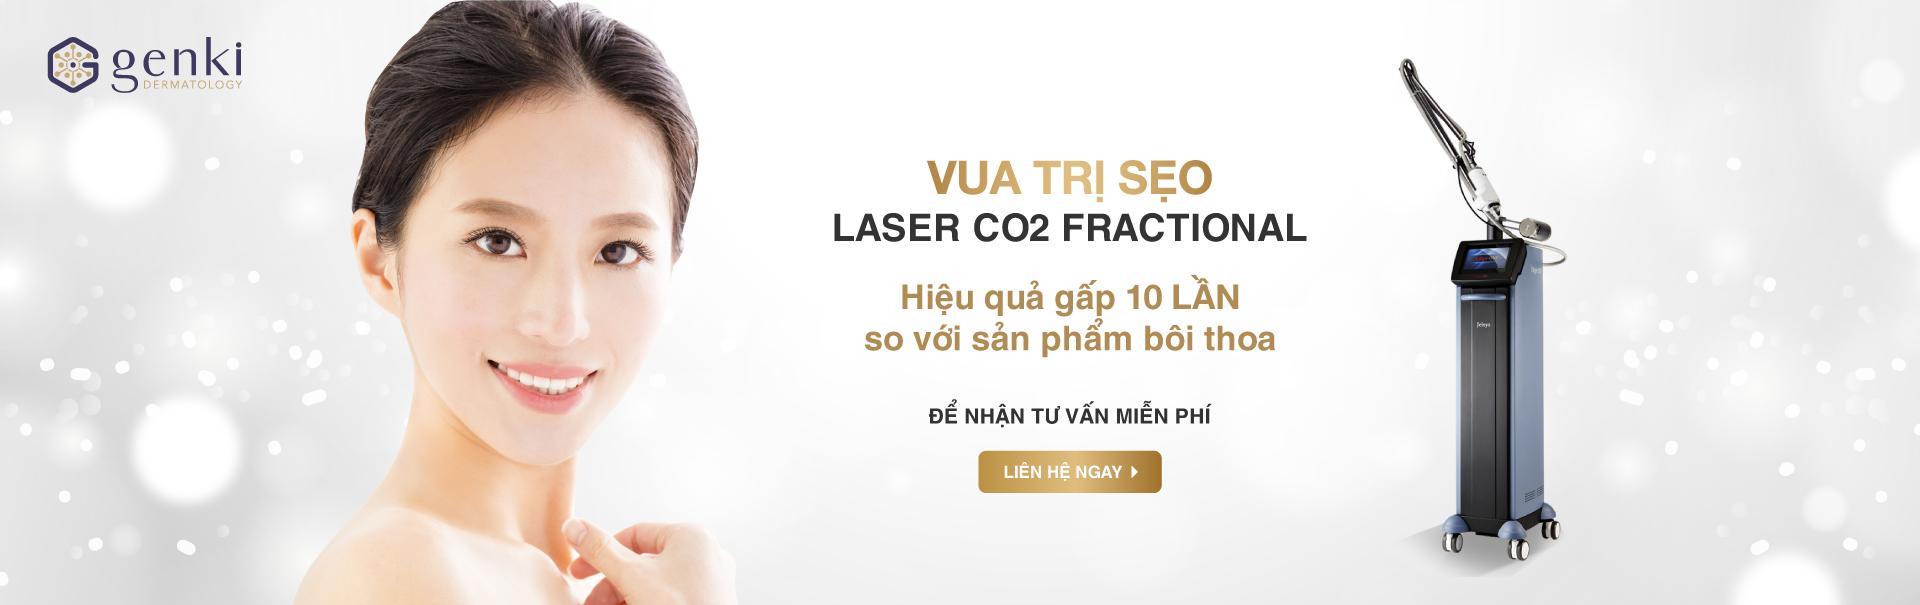 Laser CO2 Fractional